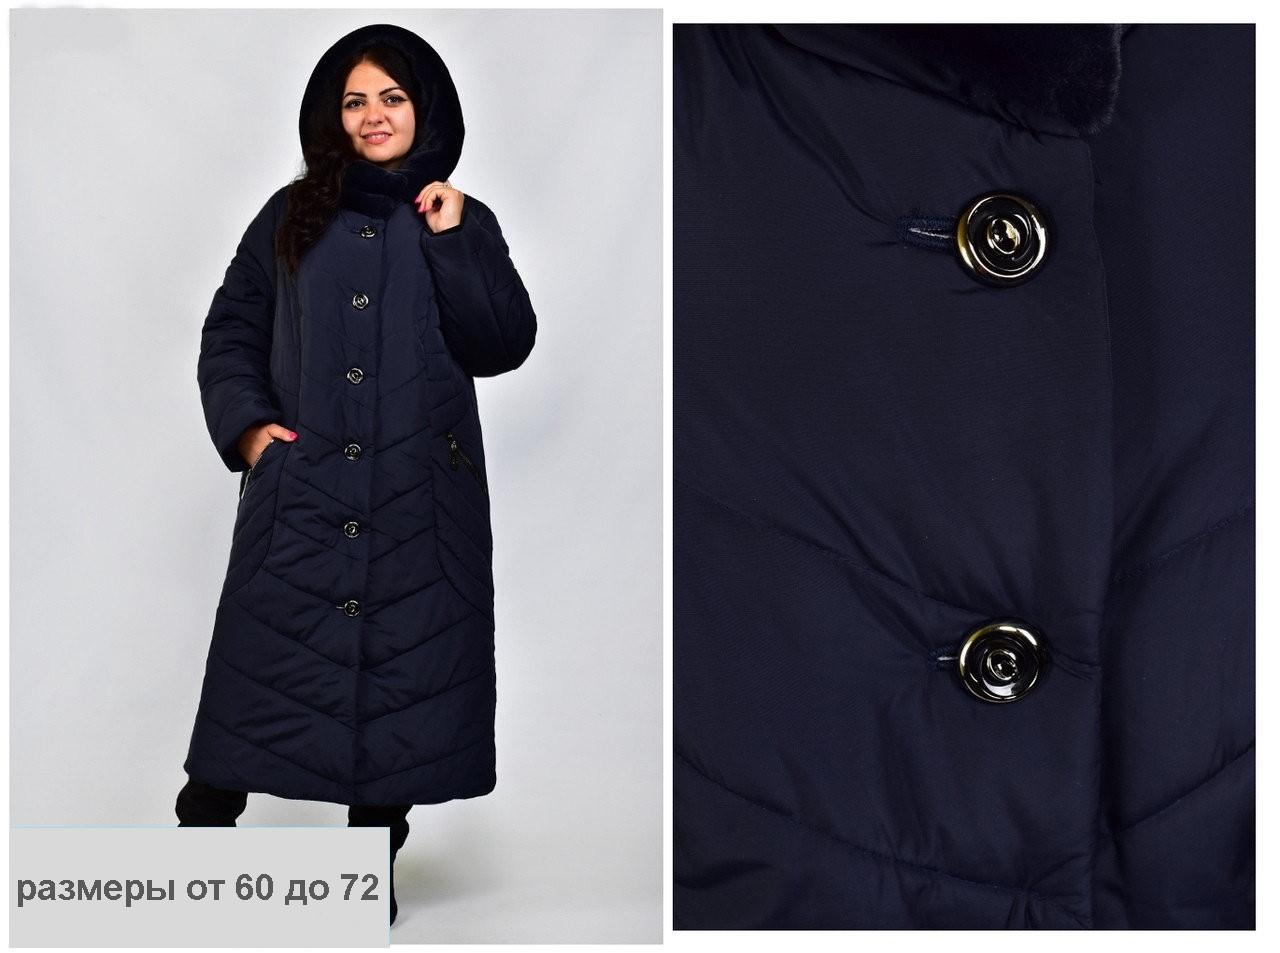 Зимняя женская куртка от 60 до 72 большие размеры